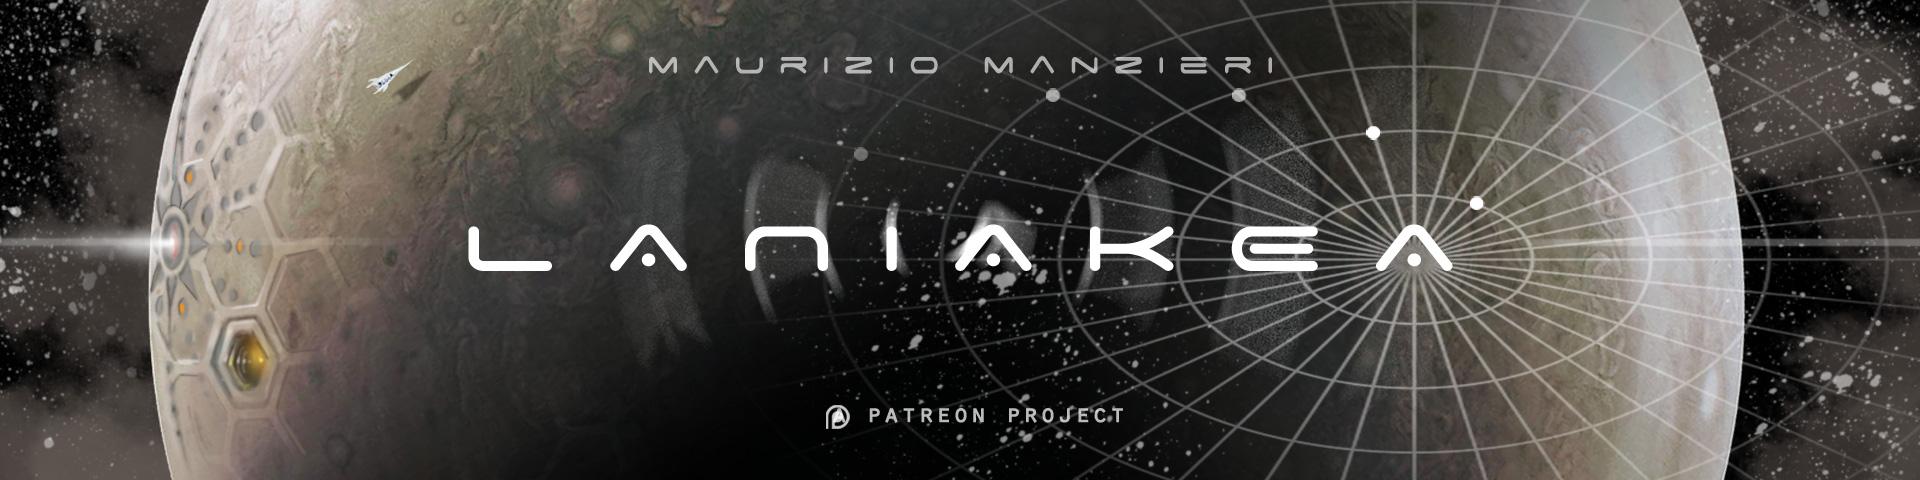 Laniakea_Promo_09